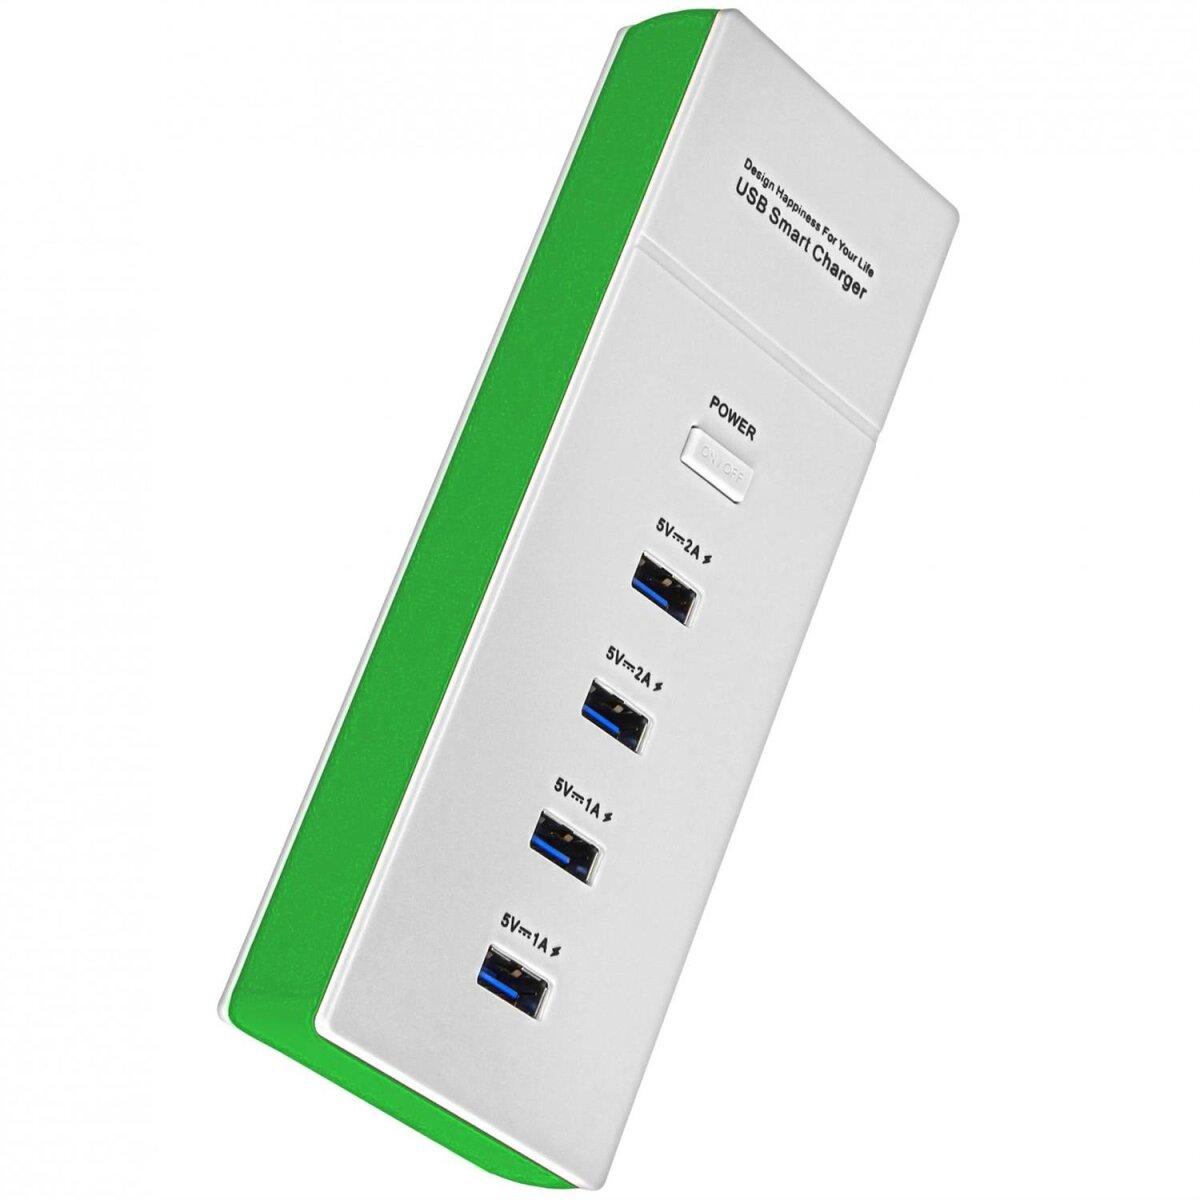 Minadax universelles 5 Volt 4,2 Ampere 4-Port USB Ladegeraet Leiste fuer Smartphone, Tablet PC etc in frischem Gruen